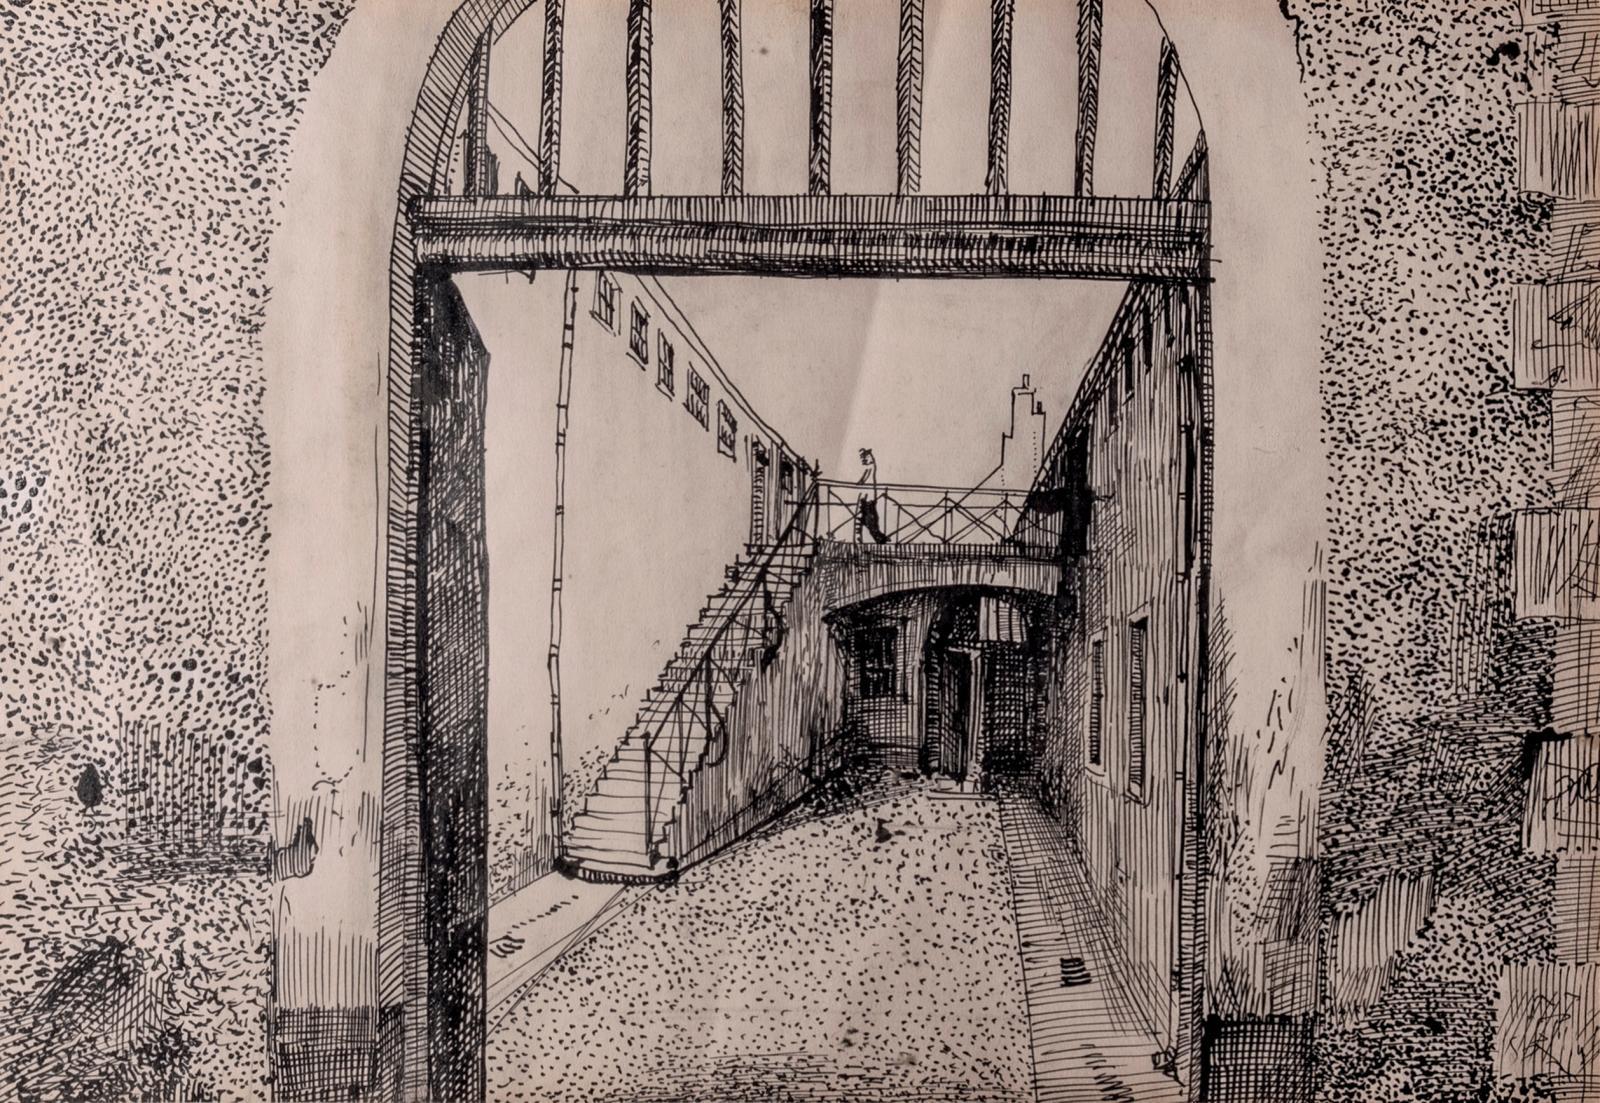 Alexandre Trauner, Le Pénitencier, décor pour «La Fleur de l'âge», encre sur papier, 24,5x36cm (détail). Estimation: 200/300€